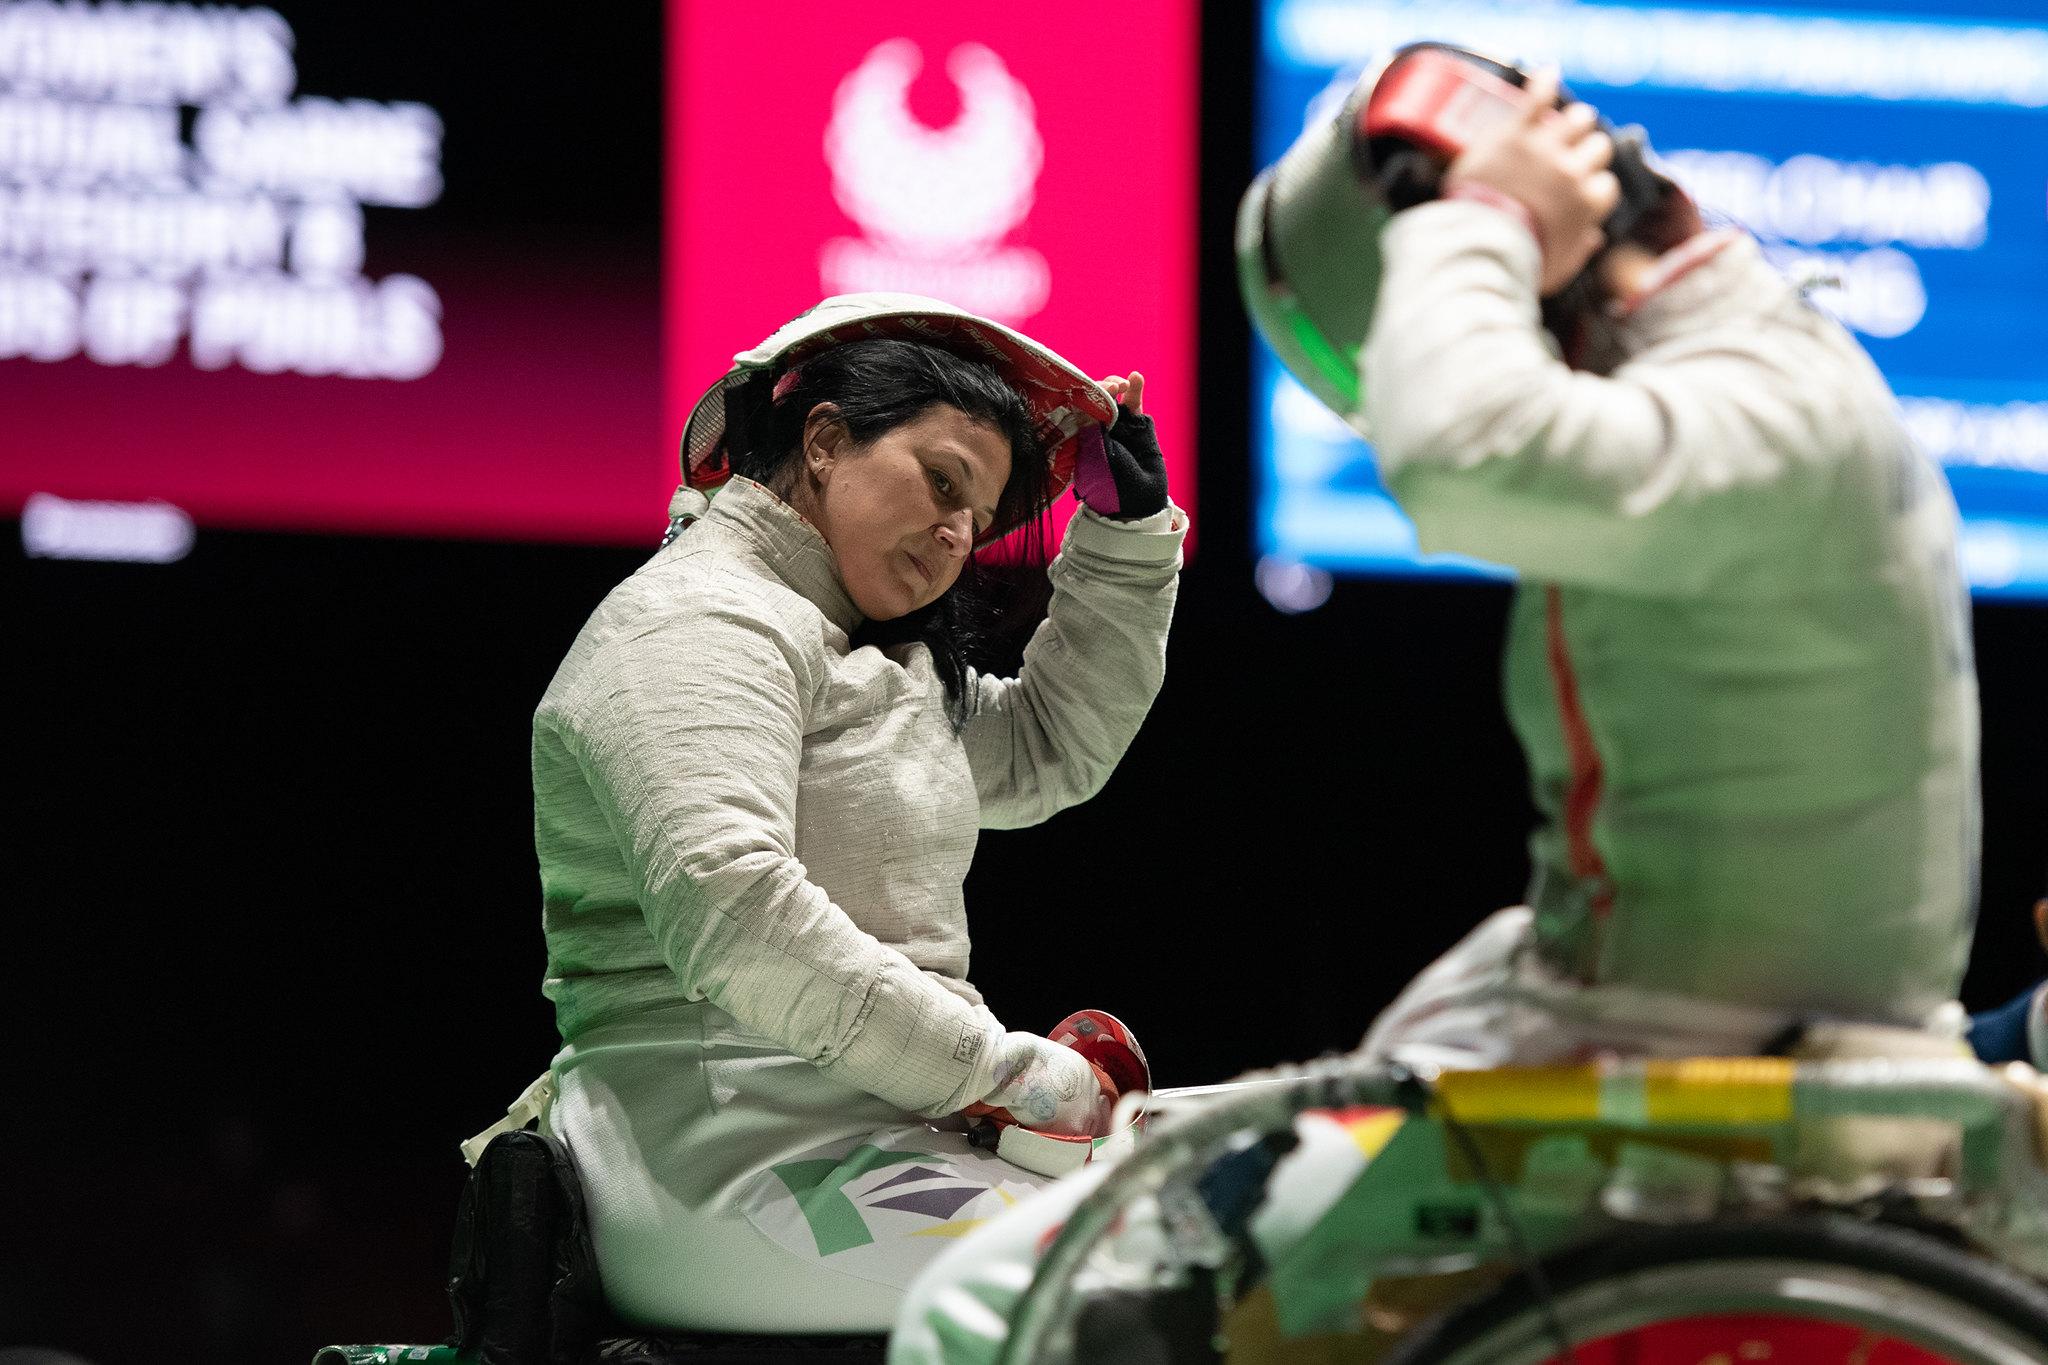 De uniforme, Monica Santos retira máscara de esgrima em cadeira de rodas